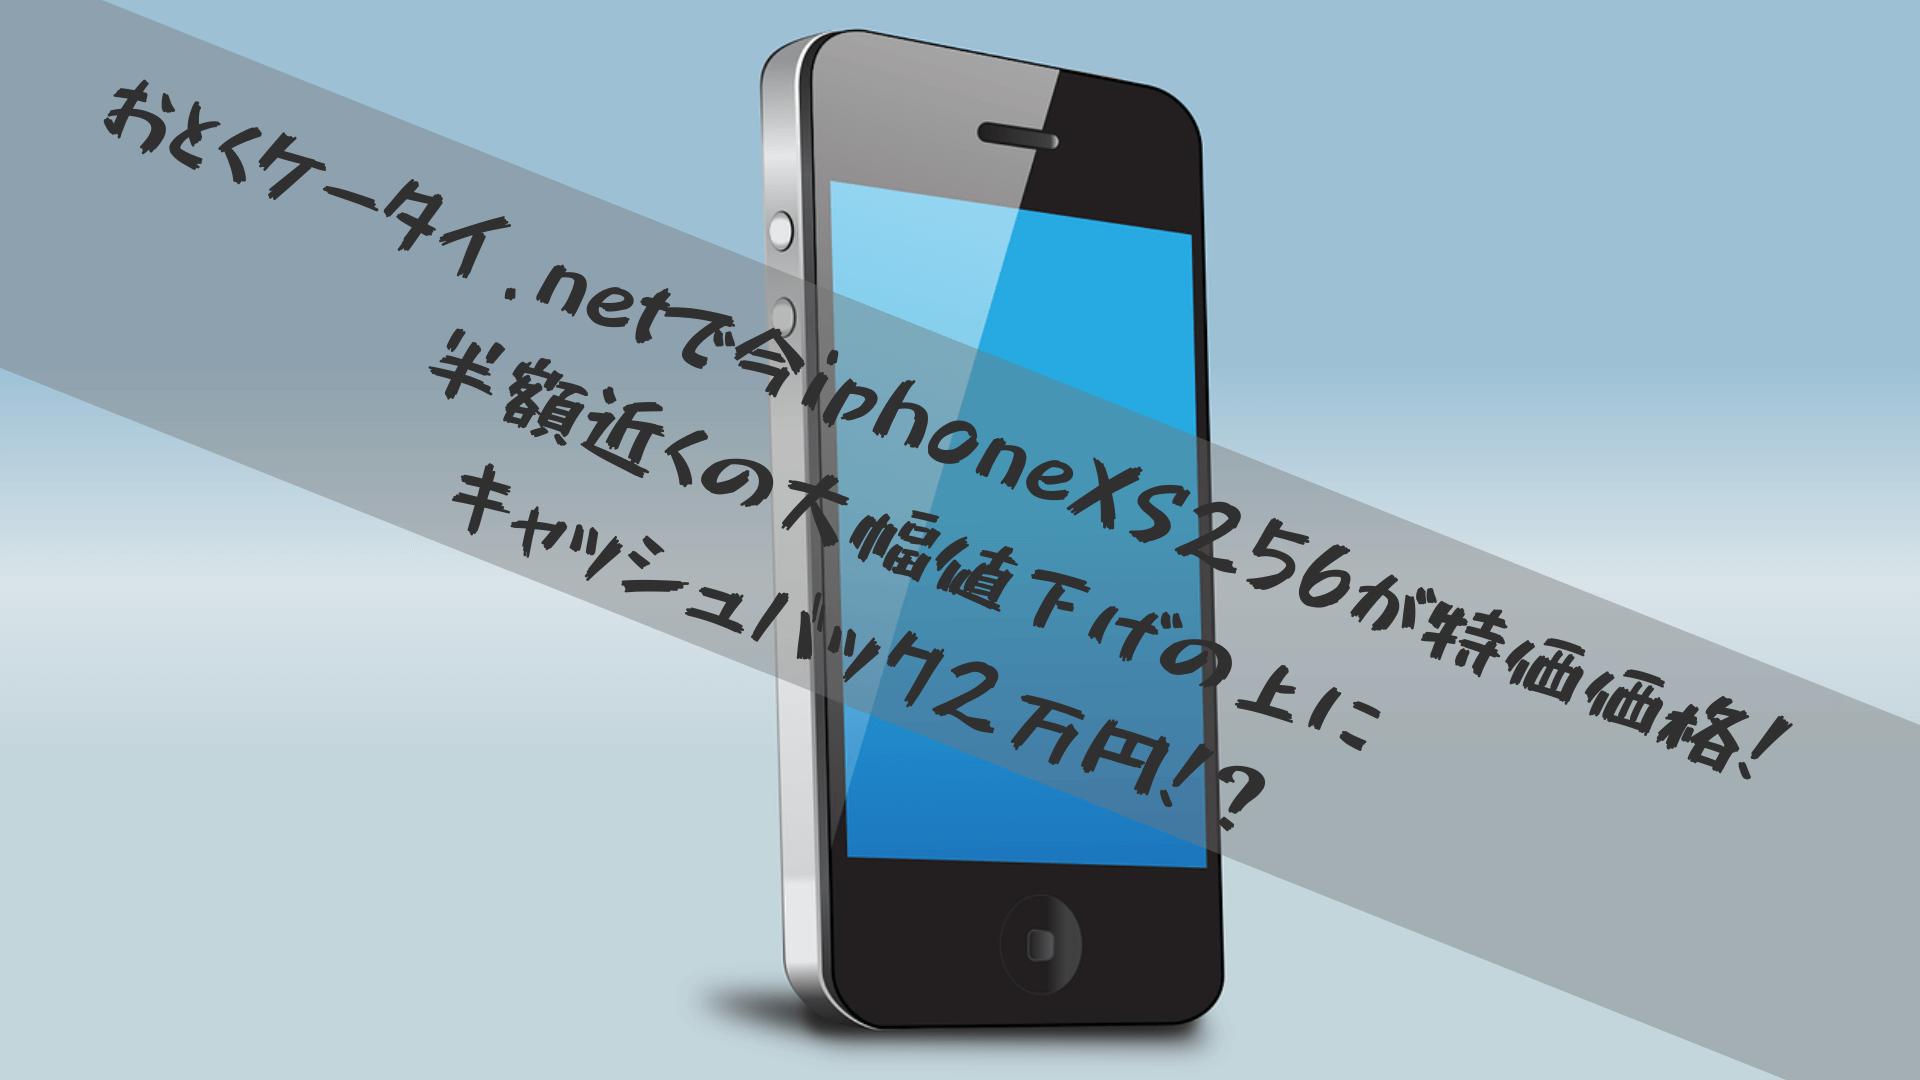 おとくケータイ.netで今iphoneXS256が特価価格!半額近くの大幅値下げの上にキャッシュバック2万円!?